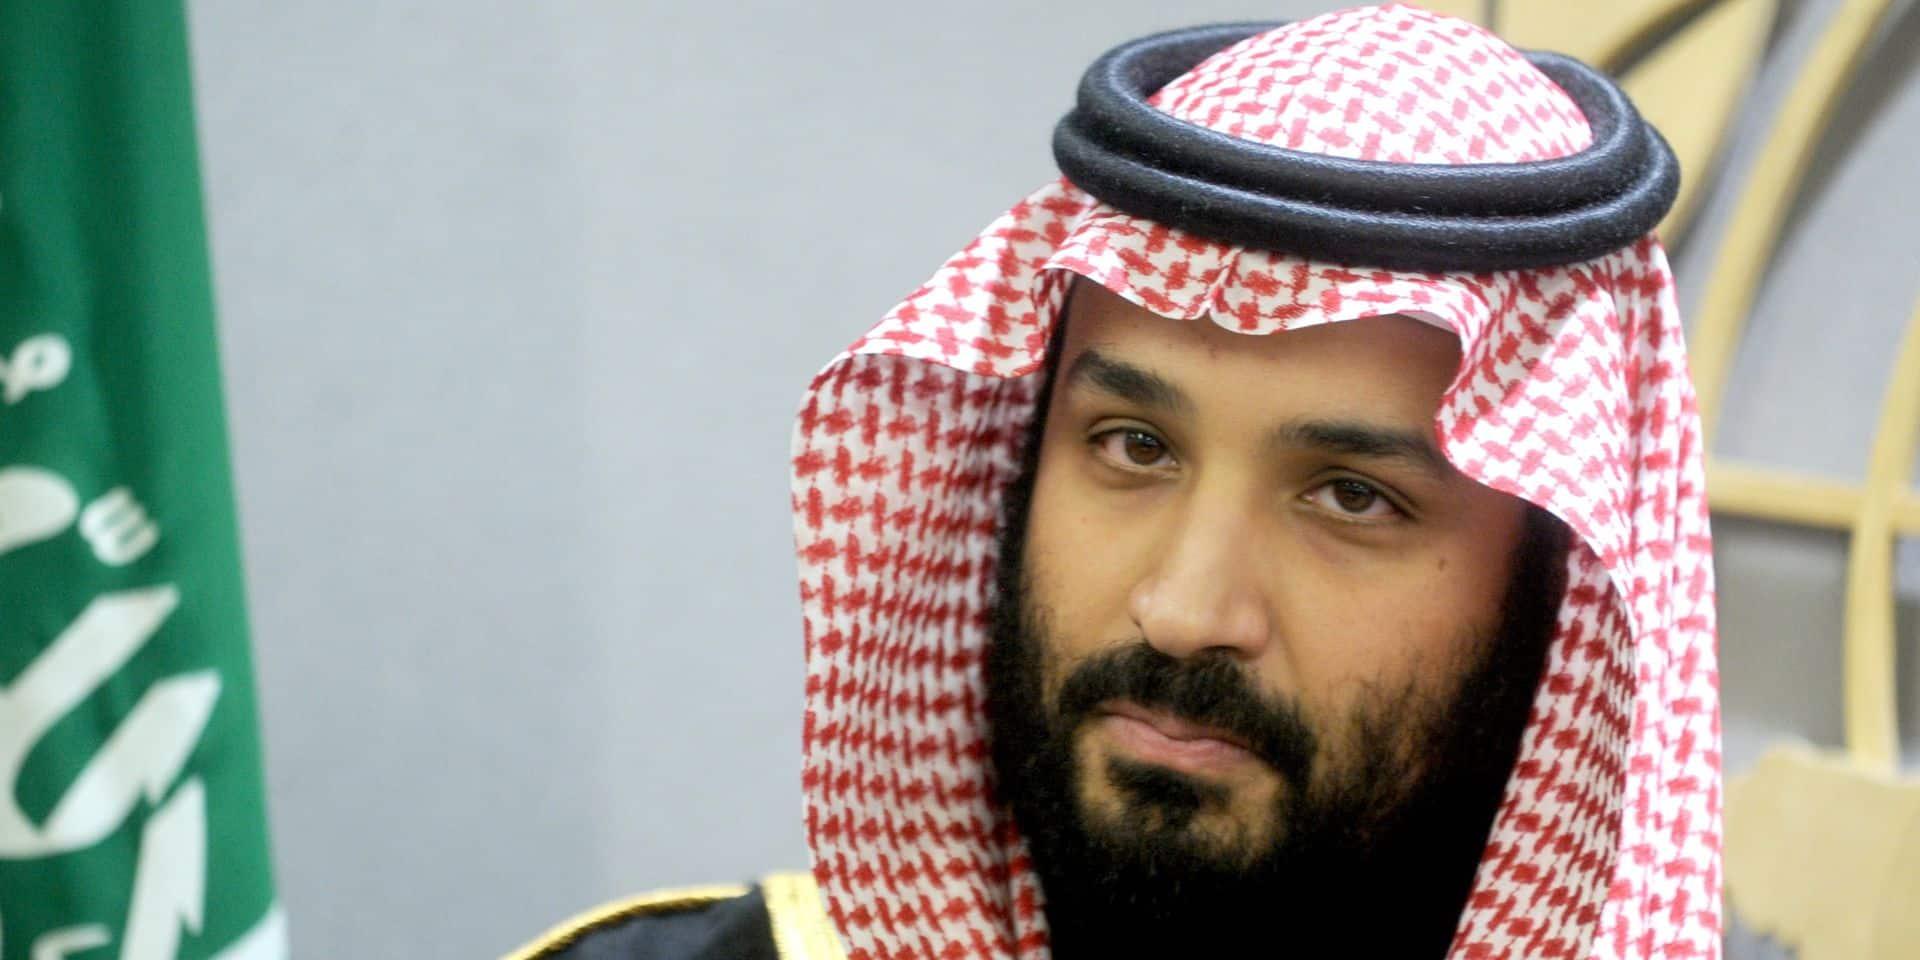 Arabie saoudite: trois membres de la famille royale arrêtés